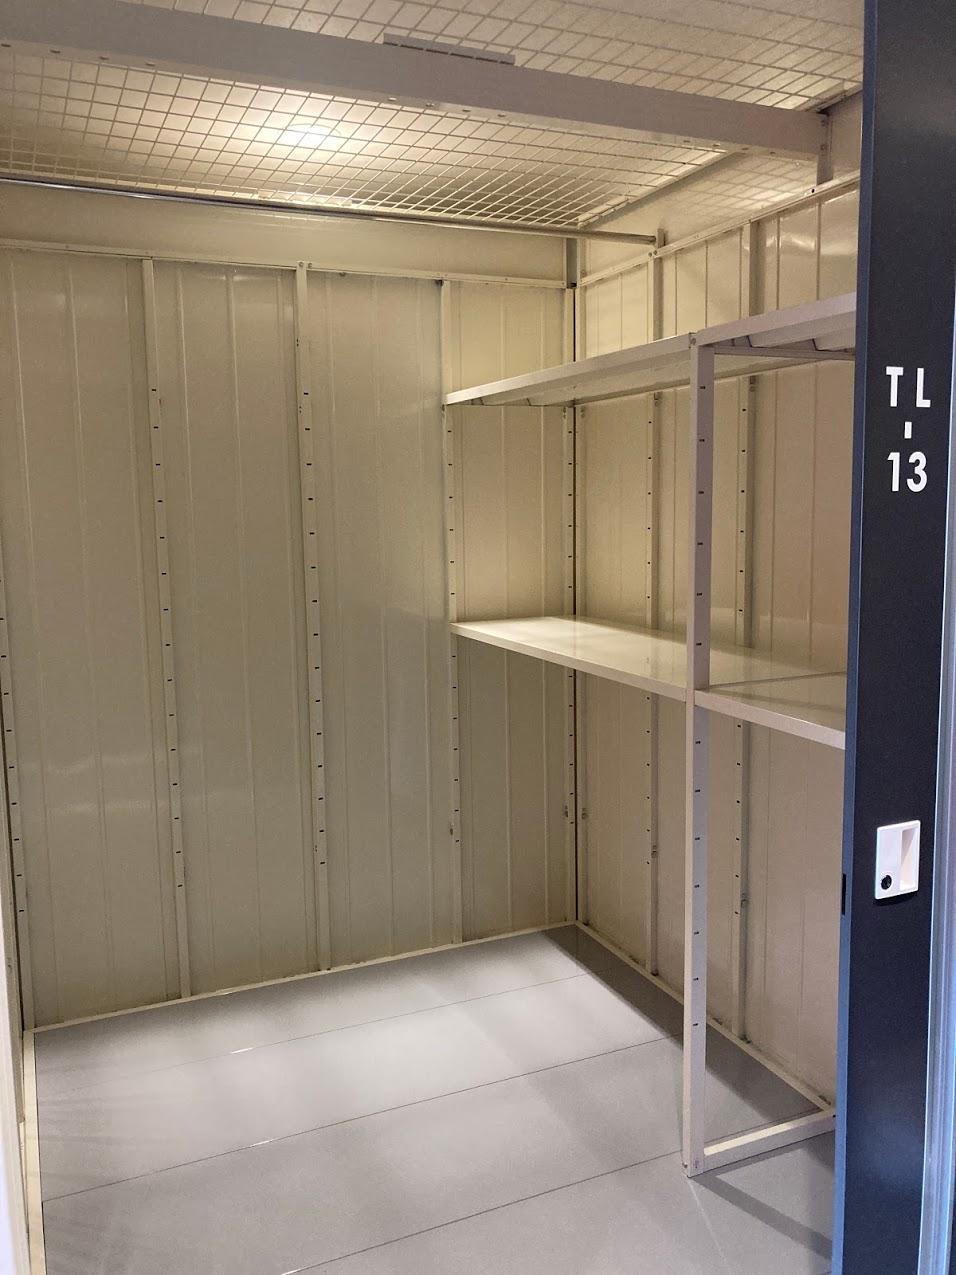 INABA96瑞穂仁所町店 TL